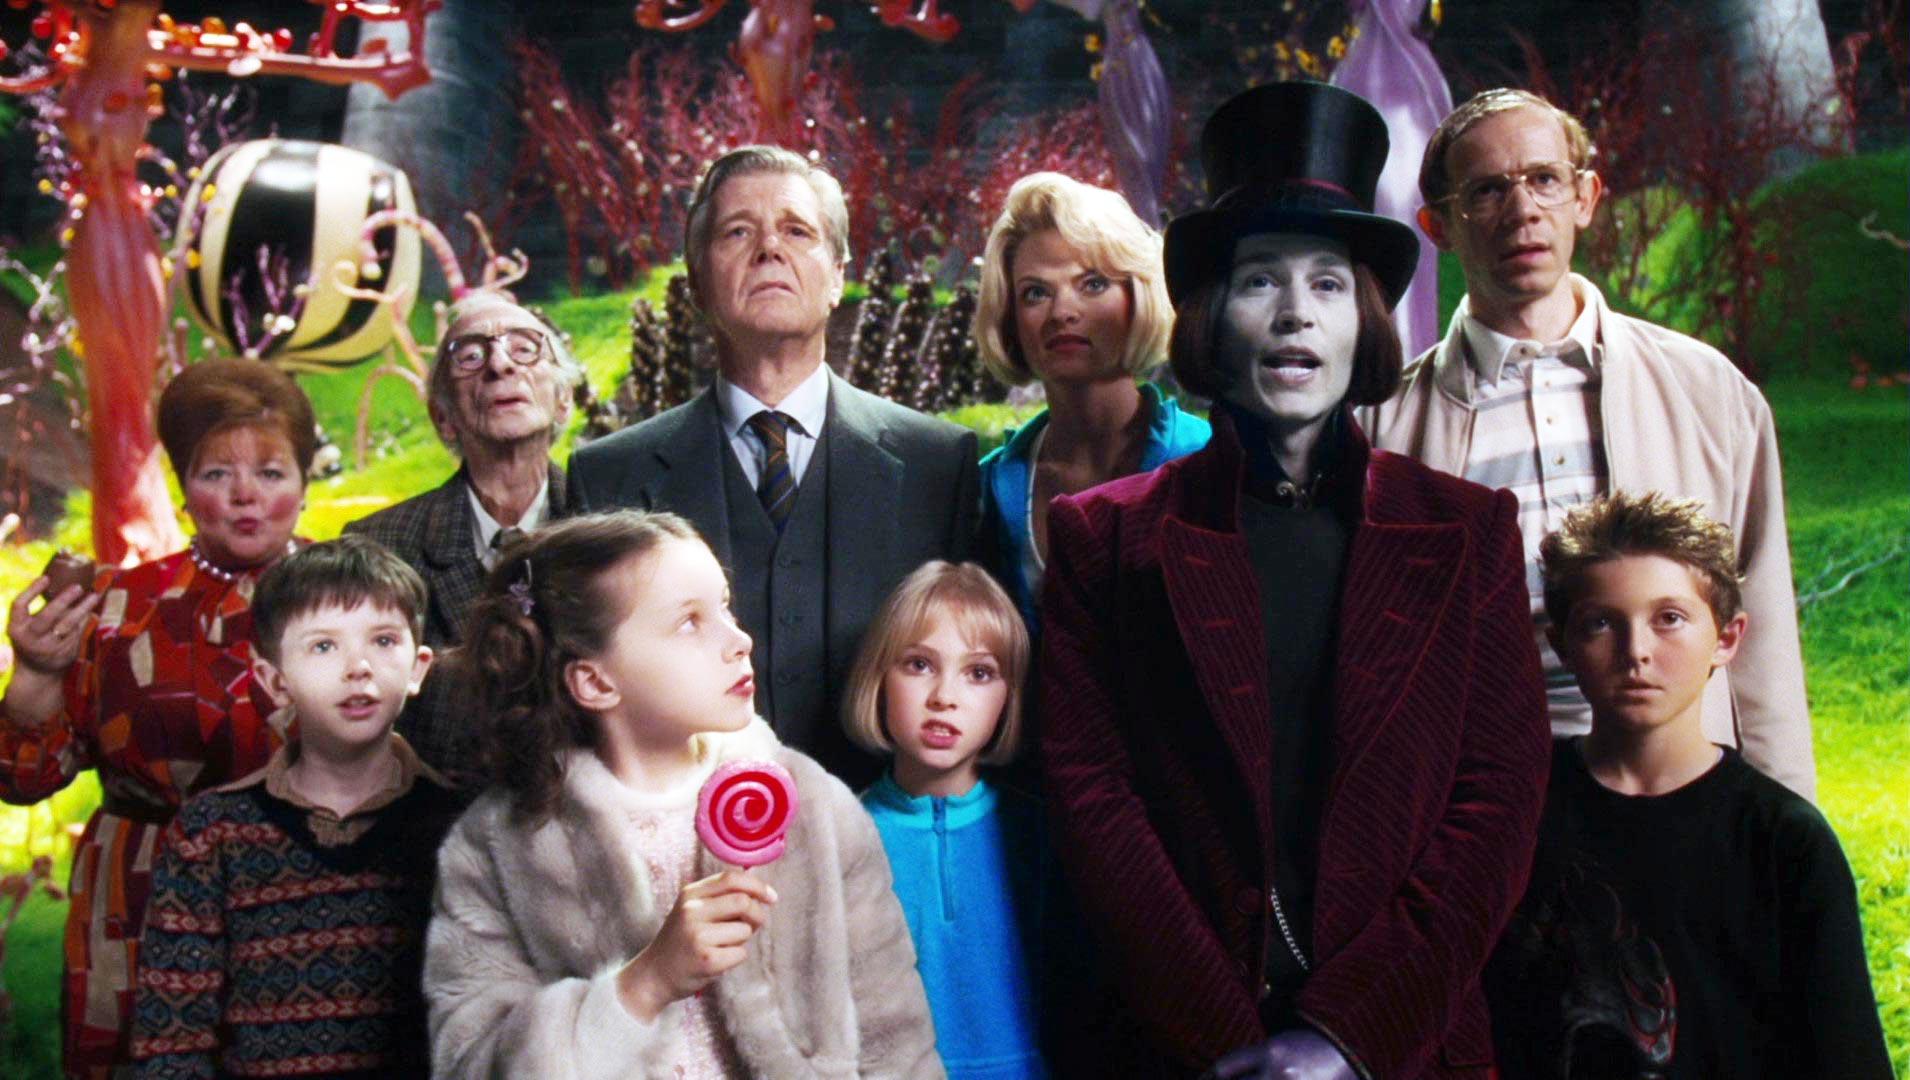 La versión de la película de terror de Willy Wonka y la